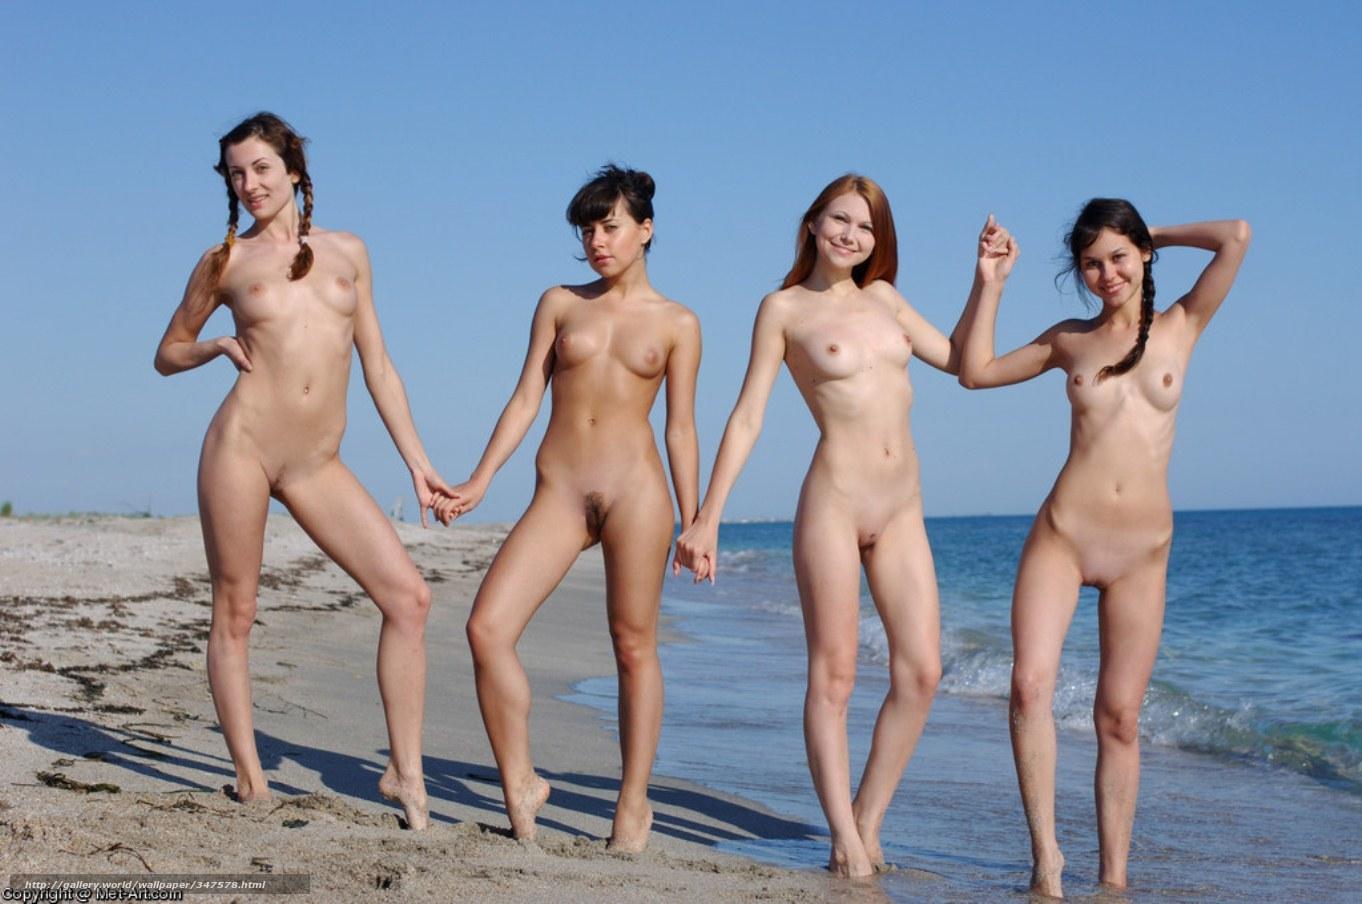 Фото нудистов юных девочек 20 фотография